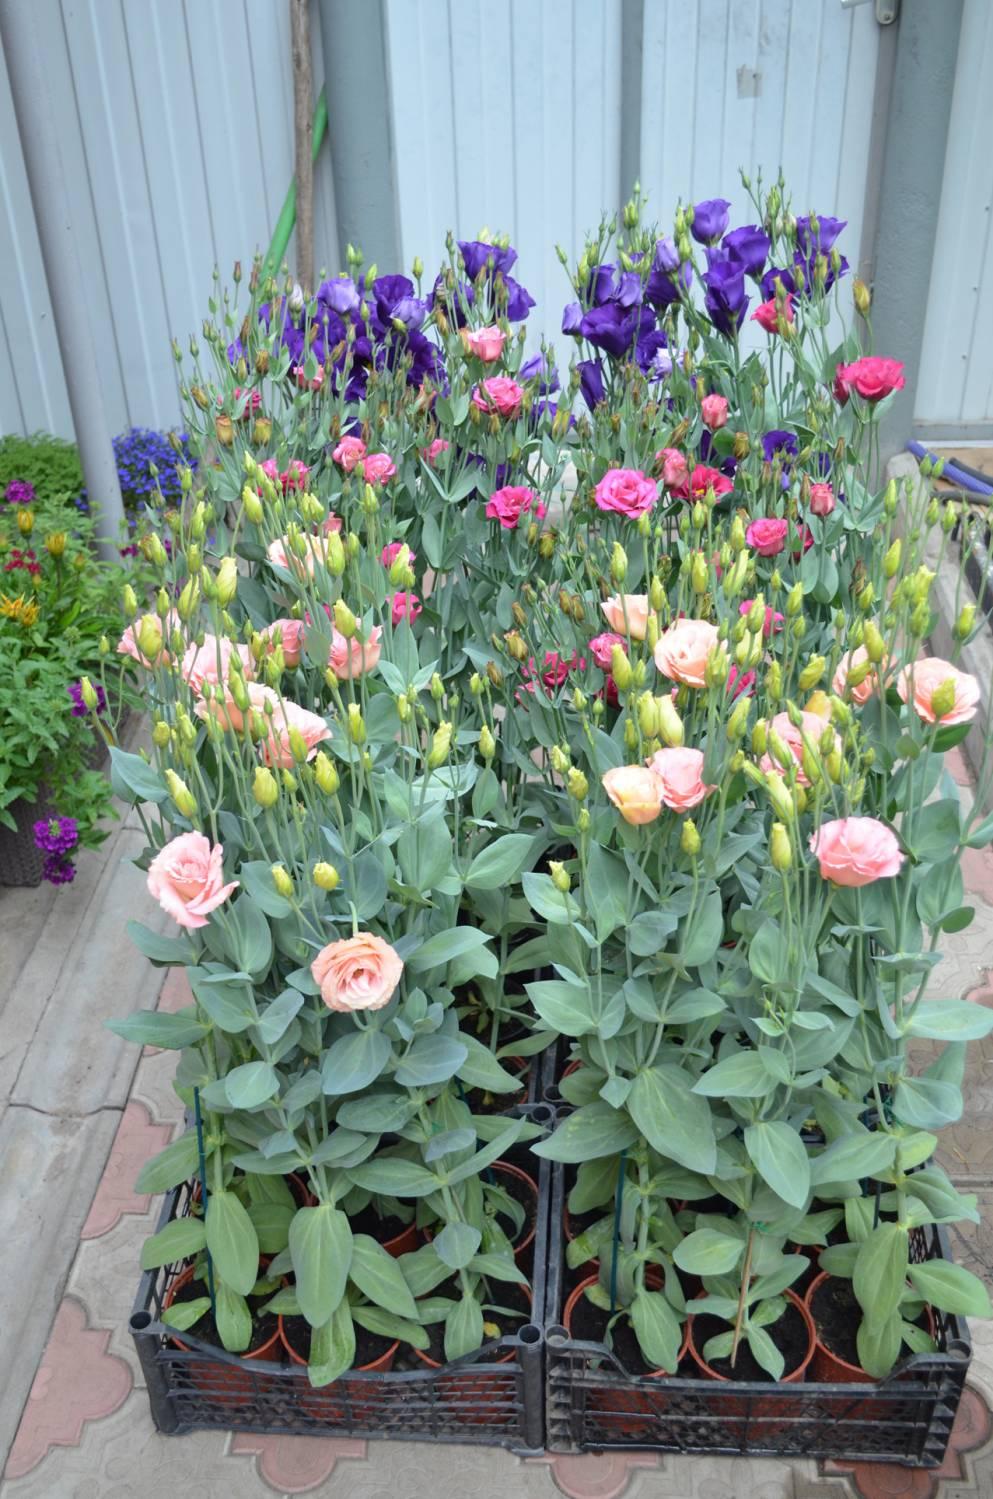 Auginamos įvairiaspalvės eustomos